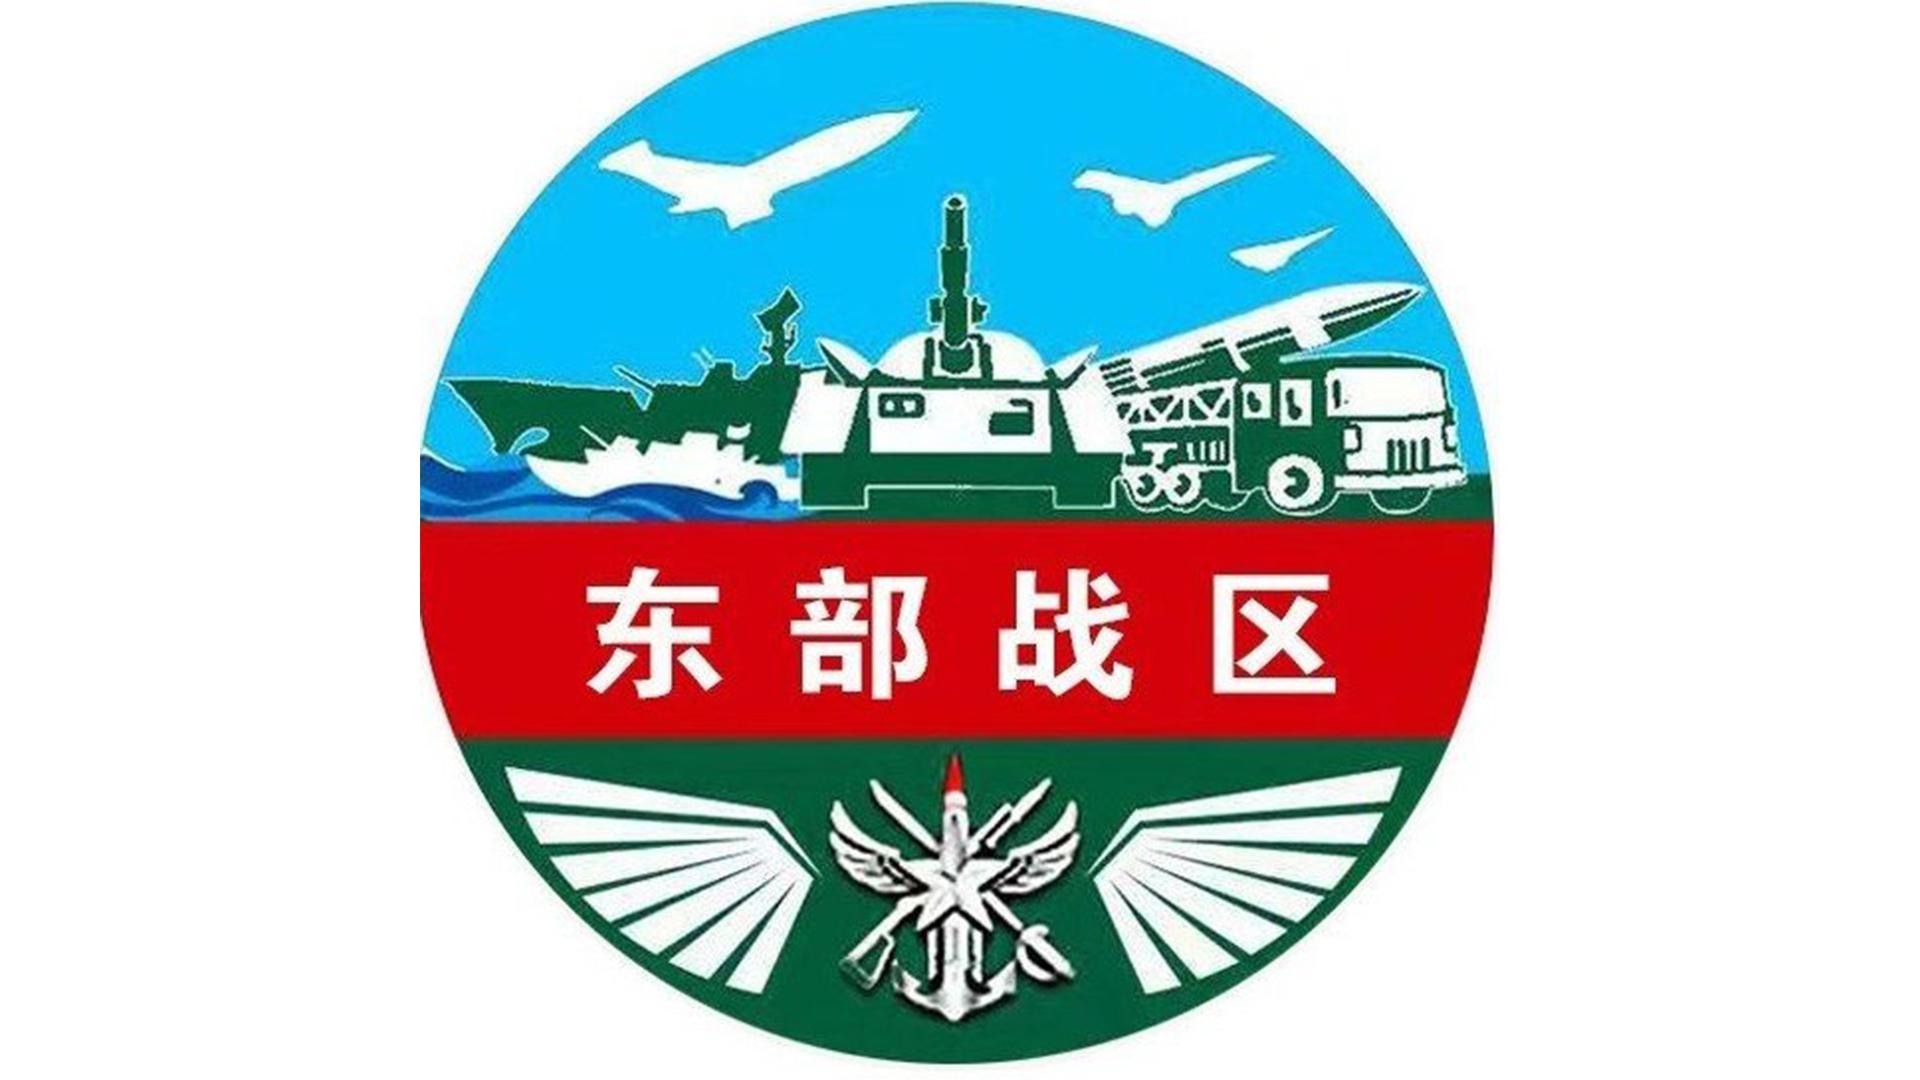 美驱逐舰穿航台湾海峡,东部战区:全程伴随跟监,随时应对威胁挑衅